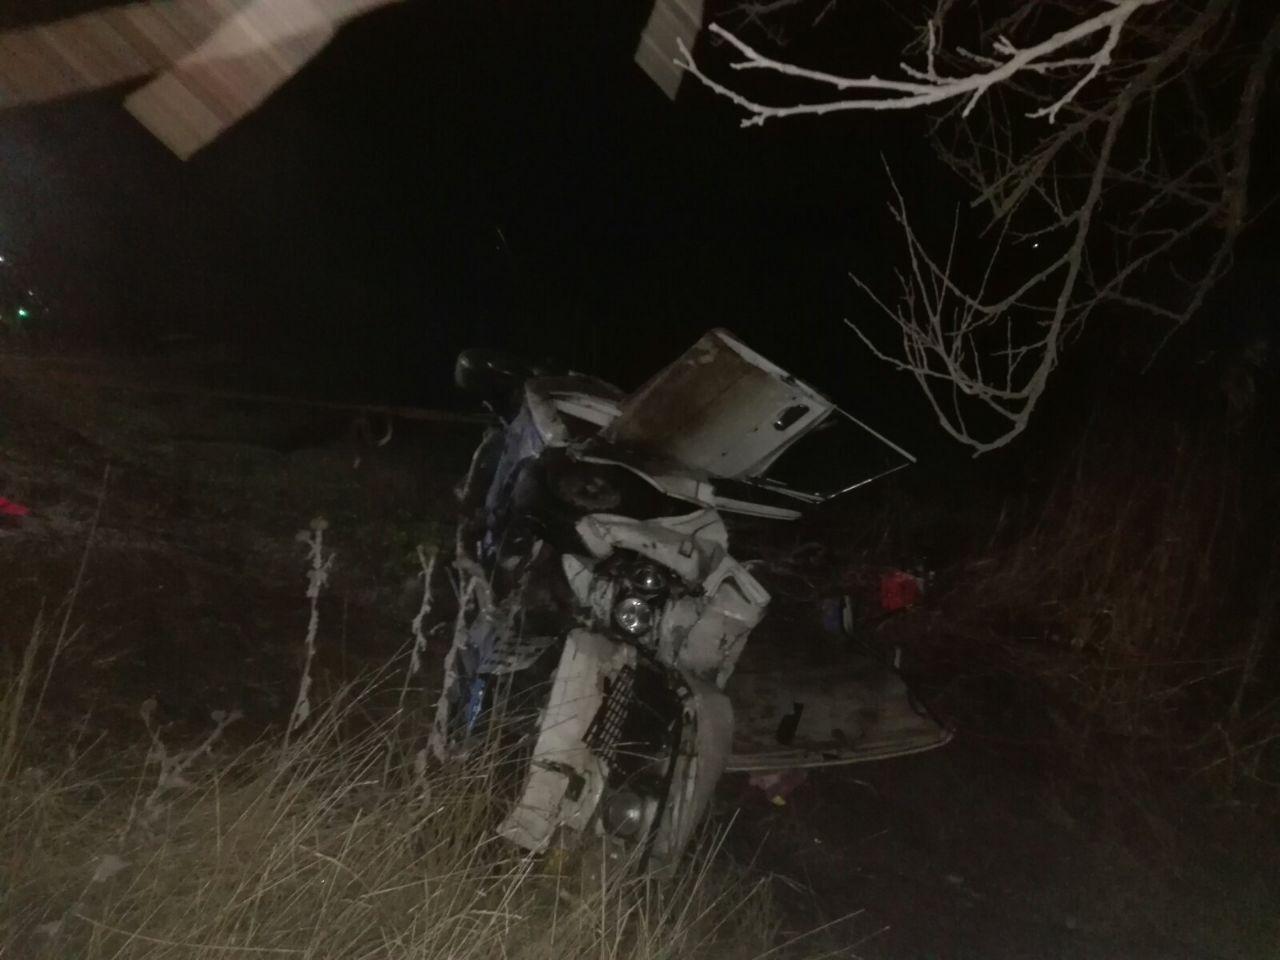 ДТП под Мелитополем: спасатели достали из автомобиля троих пострадавших, - ФОТО, фото-1